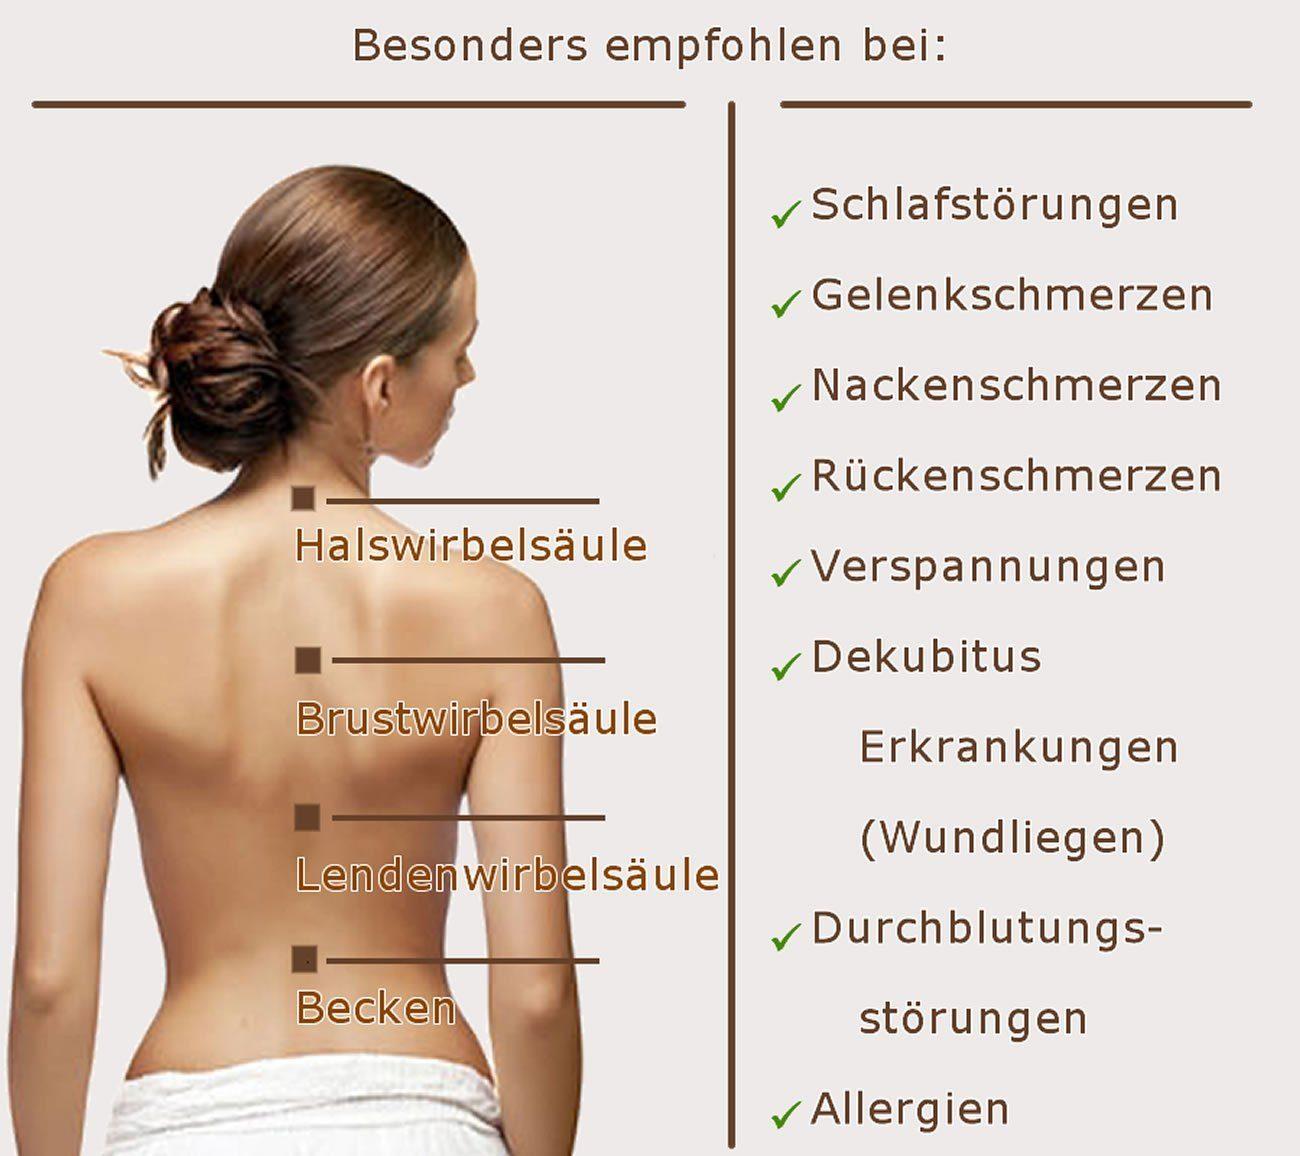 Ziemlich Menschliche Anatomie Pearson 7. Auflage Bilder - Anatomie ...